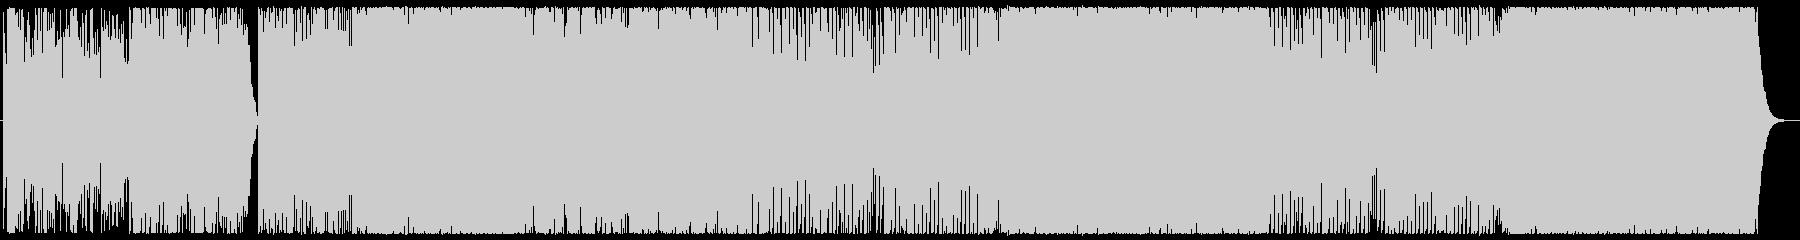 声のようなシンセが響く!王道テクノポップの未再生の波形